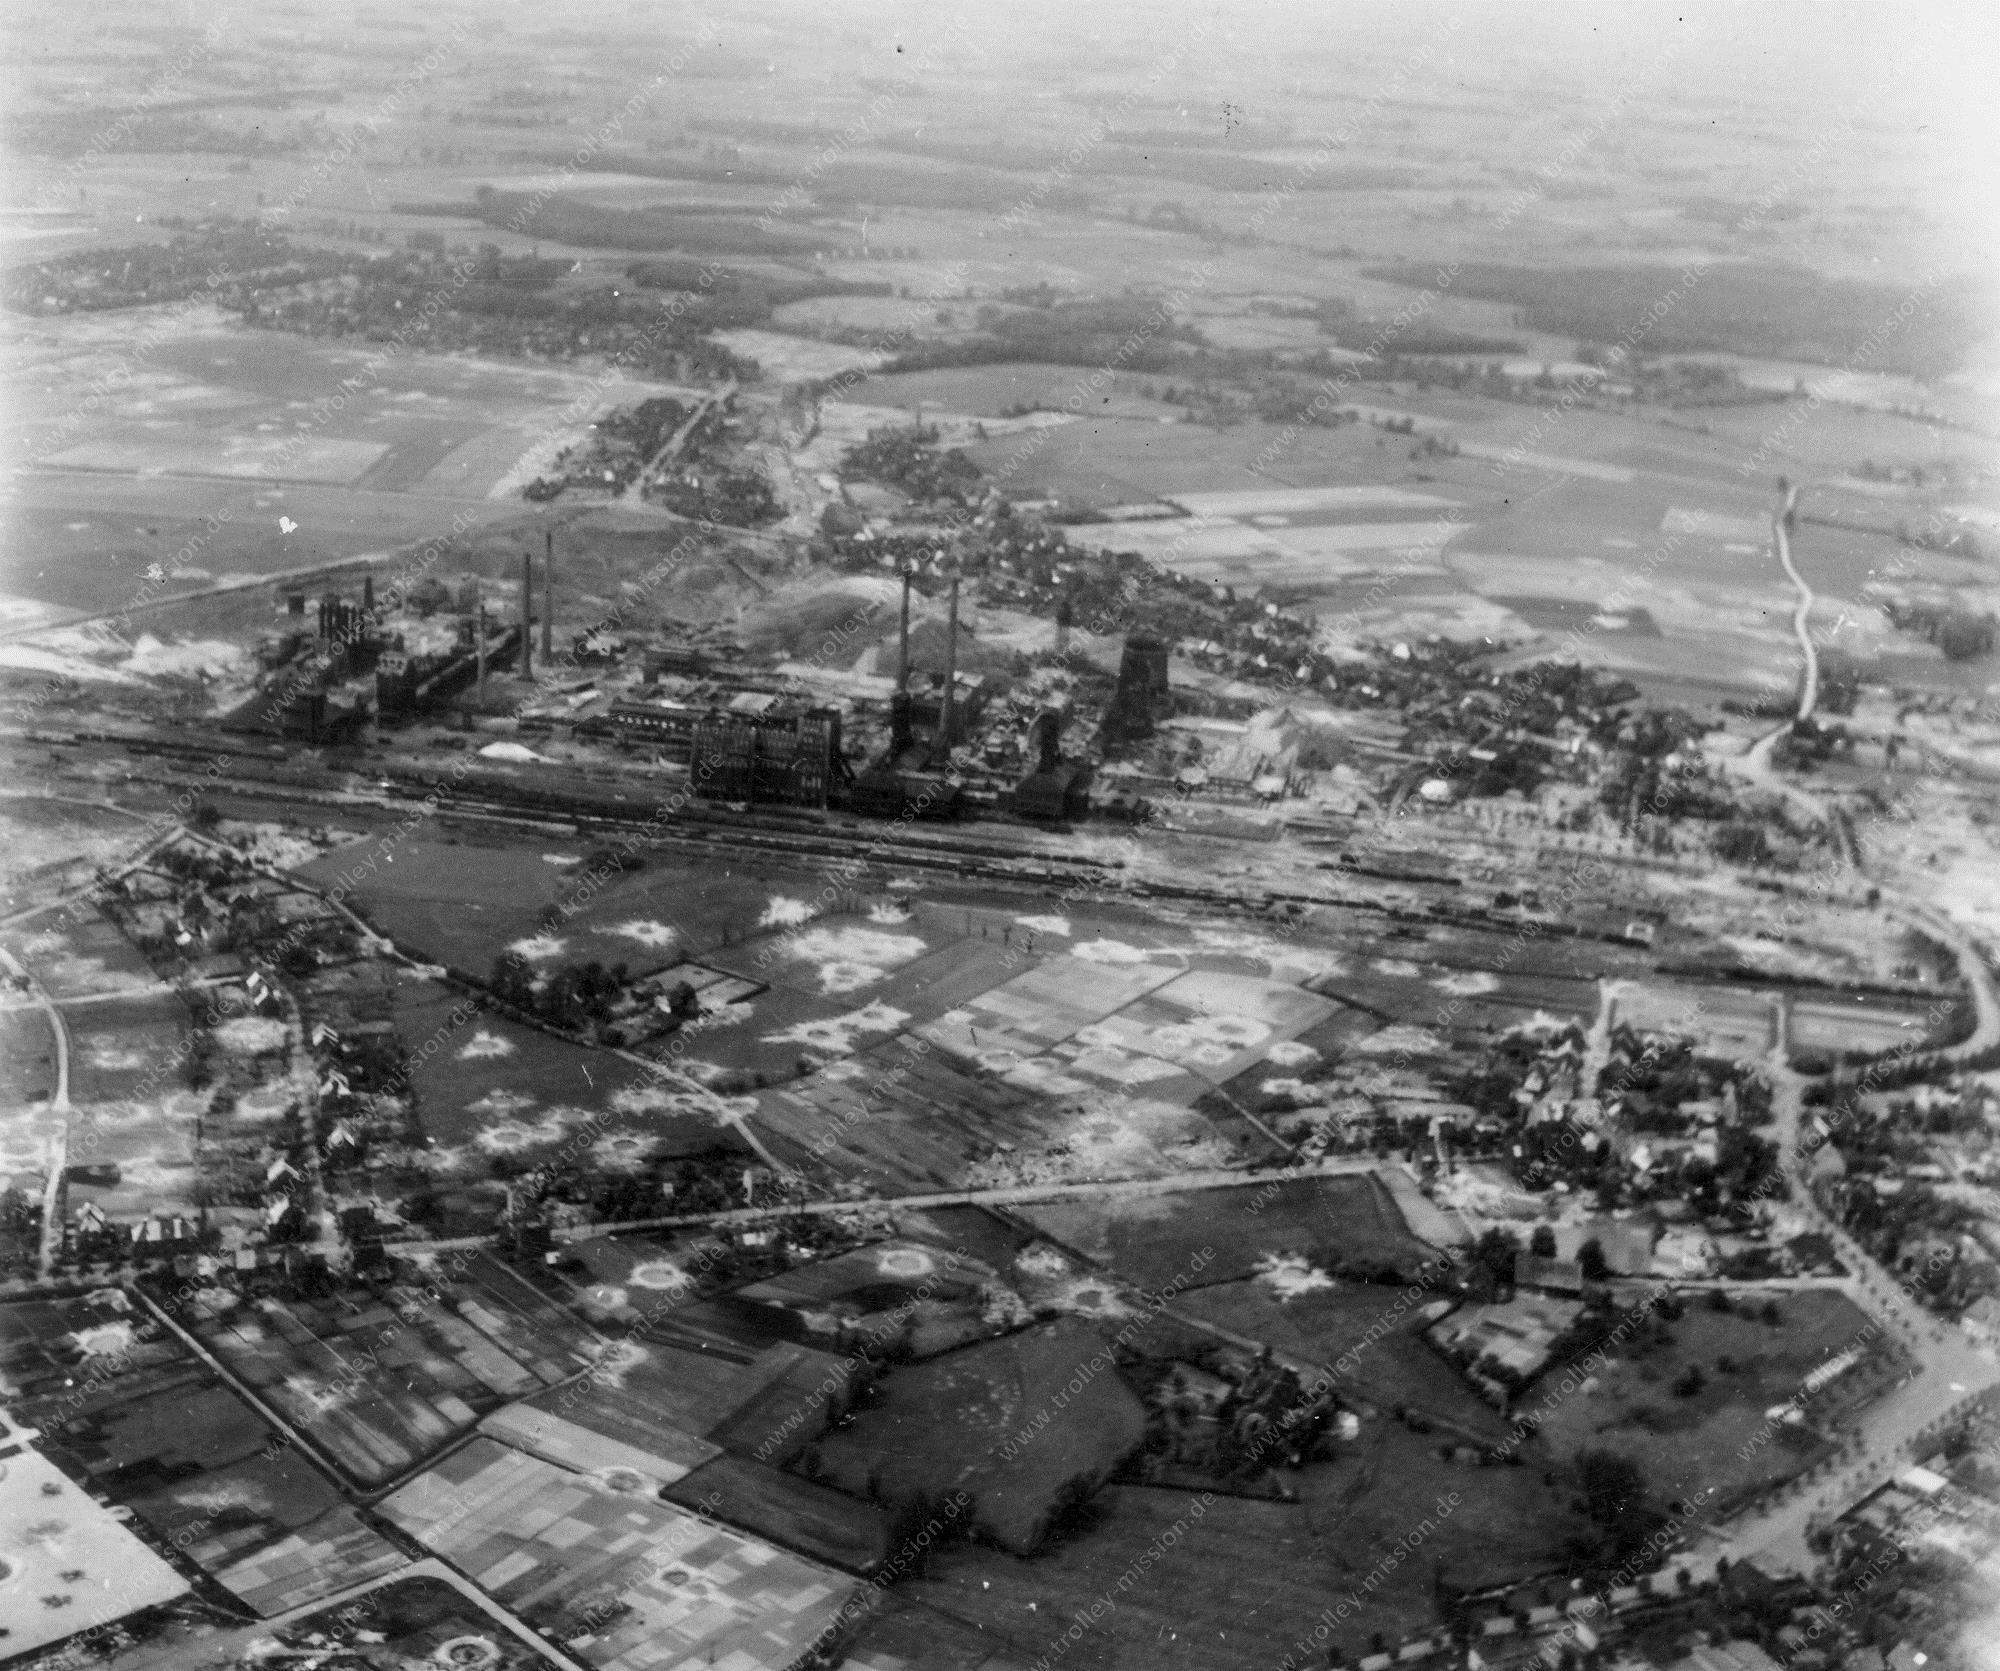 Zeche Sachsen in Hamm - Stadteil Heessen - Luftbild aus dem Zweiten Weltkrieg